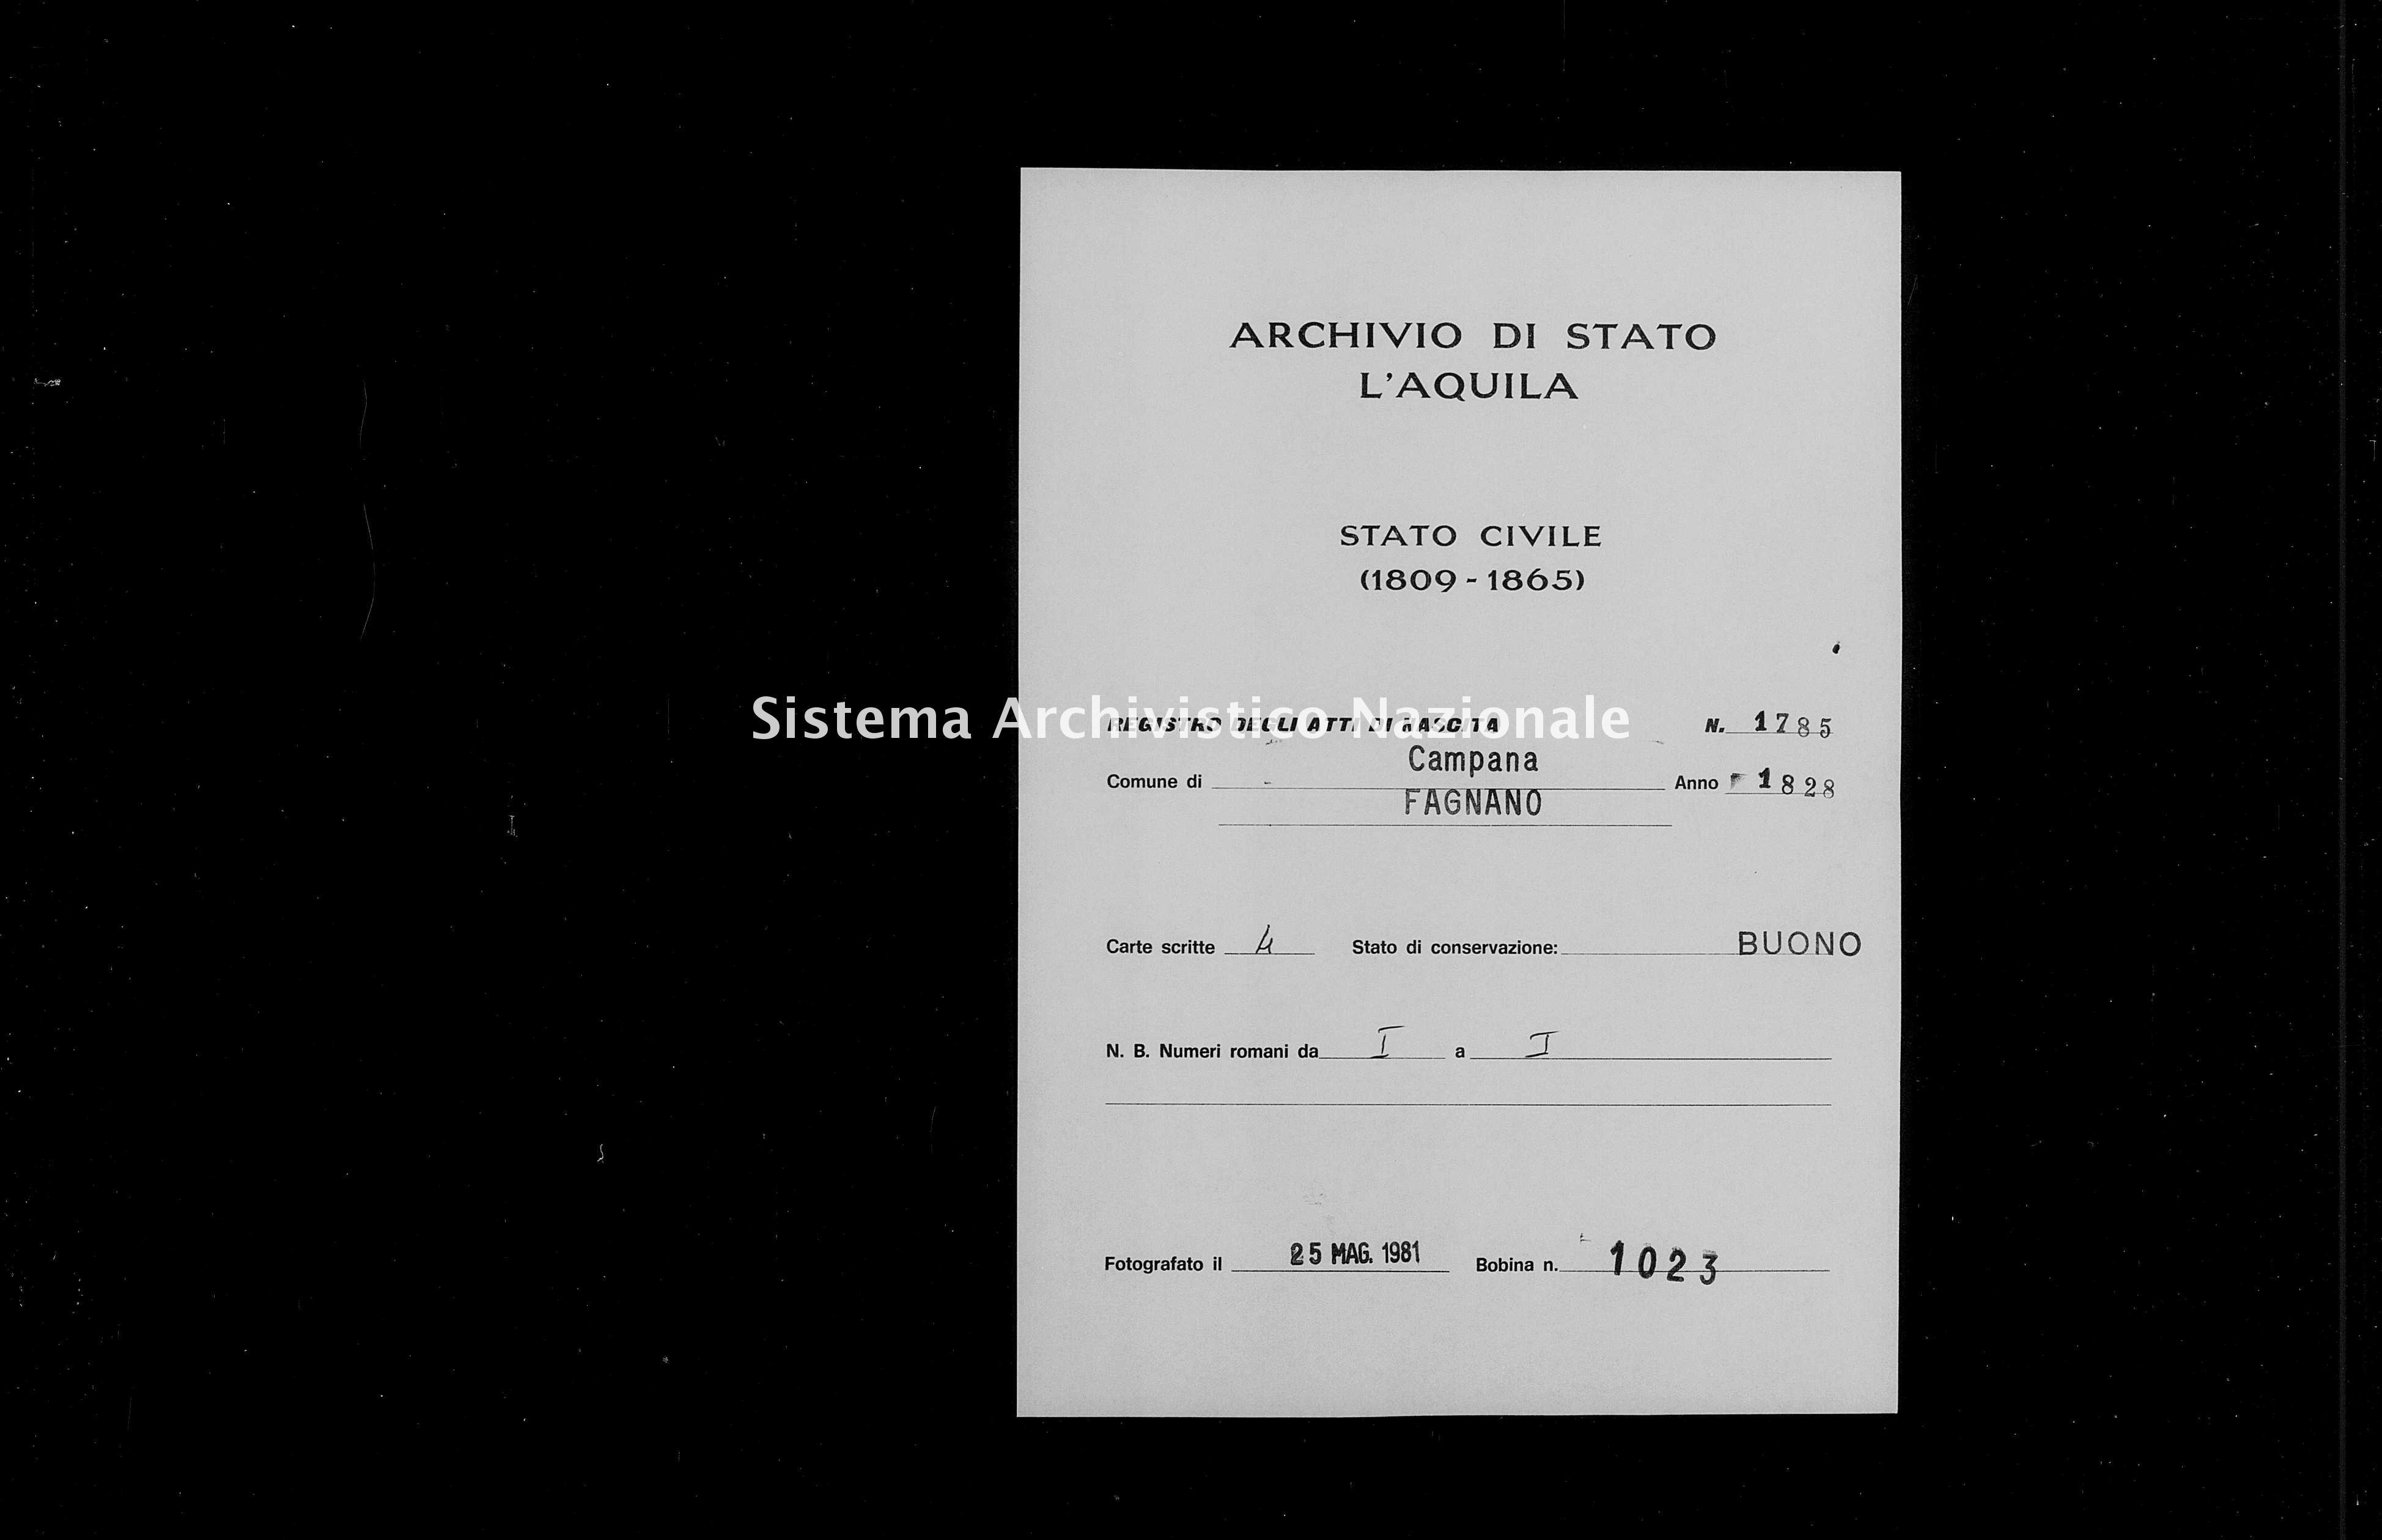 Archivio di stato di L'aquila - Stato civile della restaurazione - Campana - Nati - 1828 - 1785 -